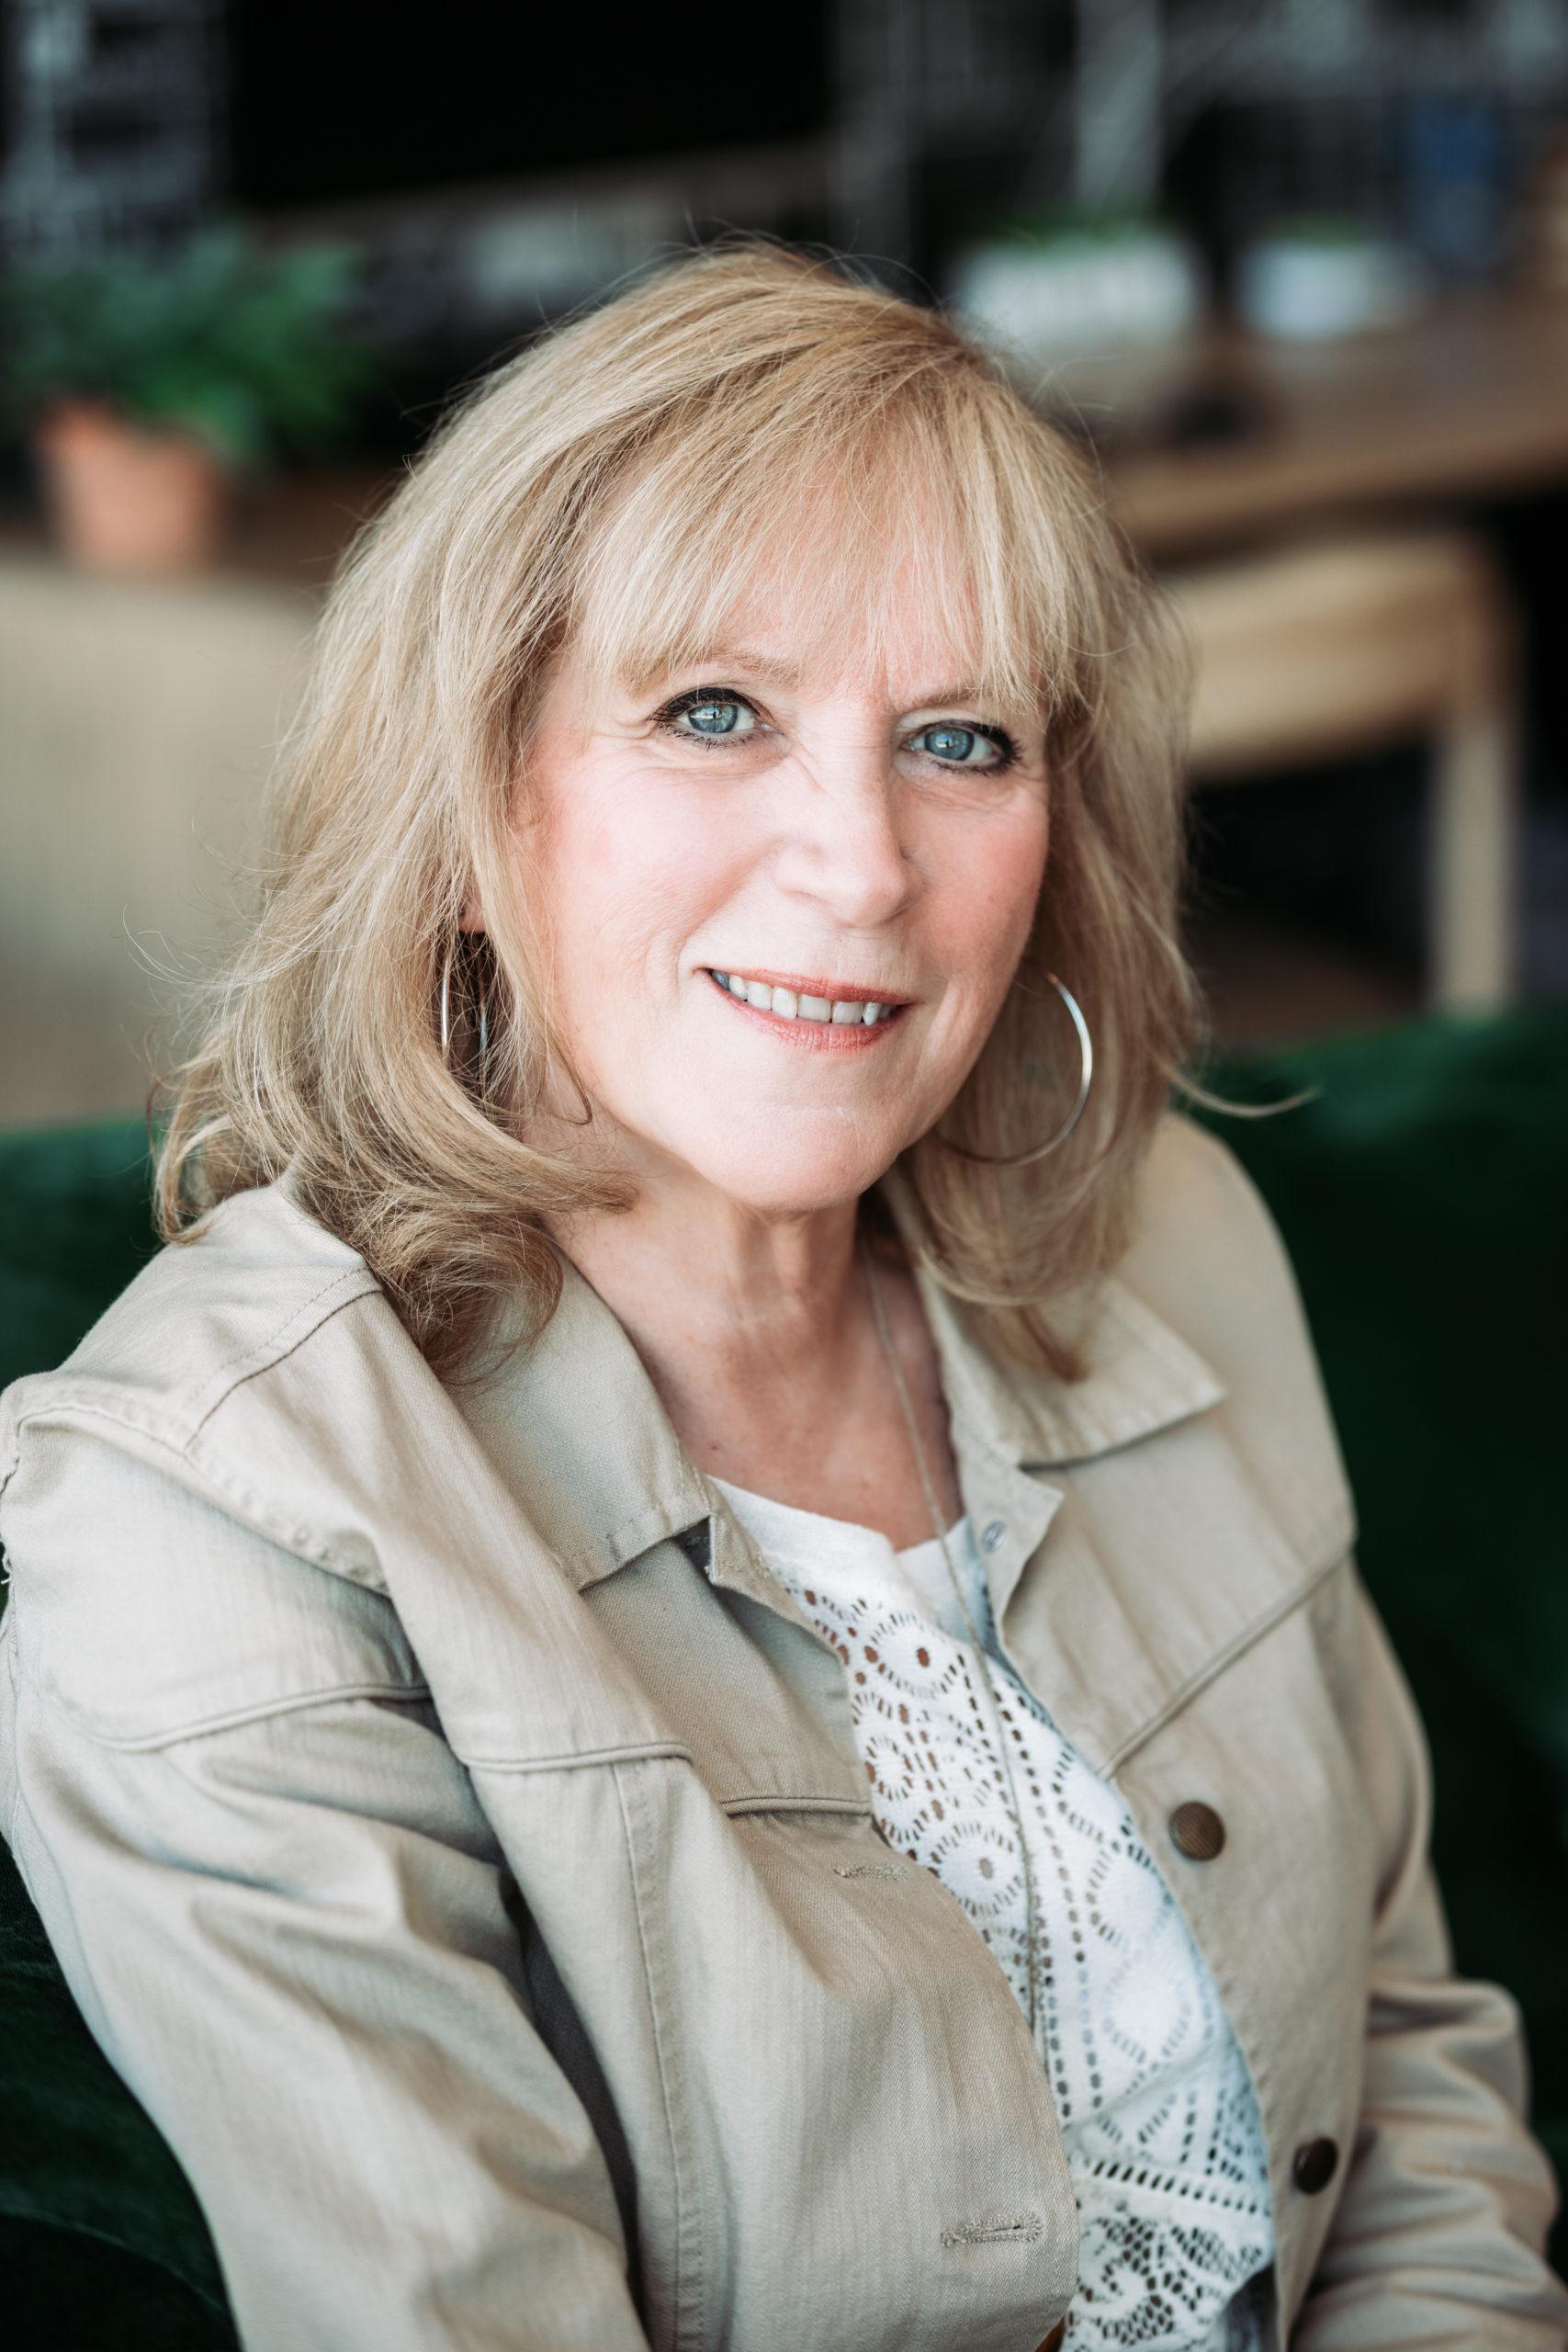 Nancy Bierman